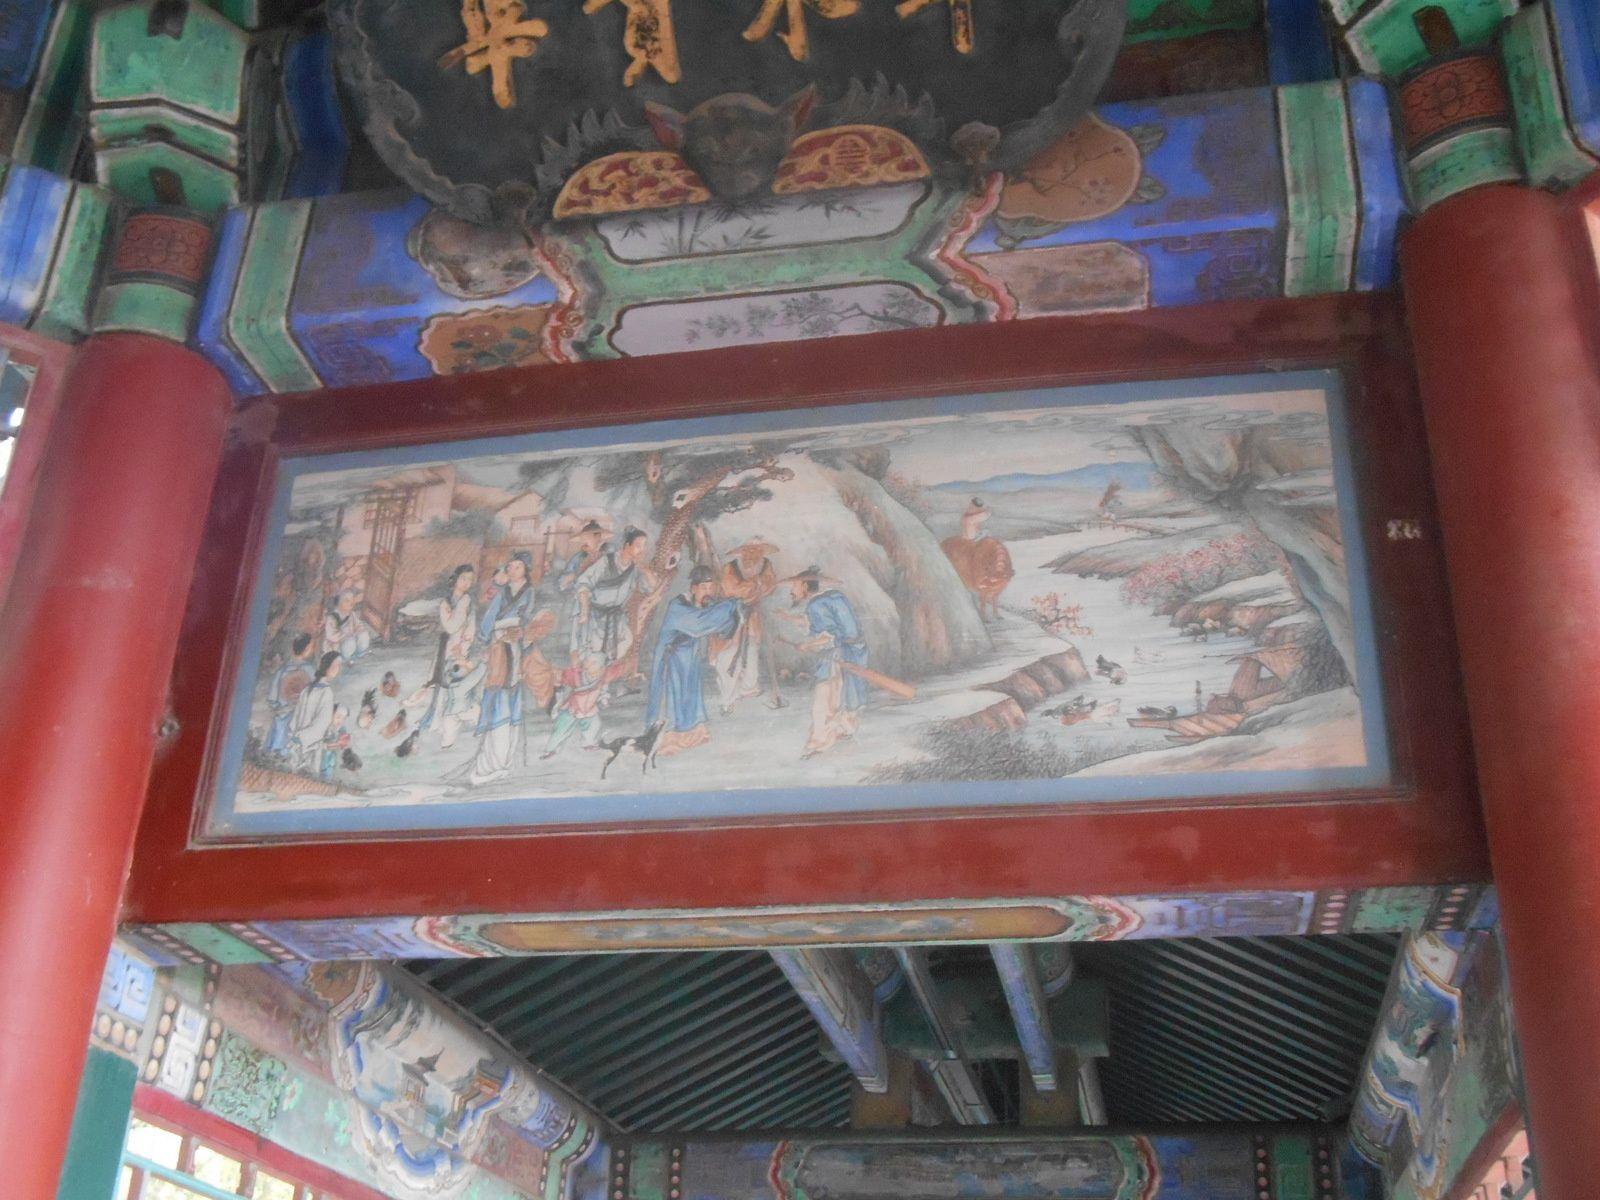 Fresques situées sous la galerie couverte décrivant des scènes d'histoire de la Chine. (galerie longue de 700 m)